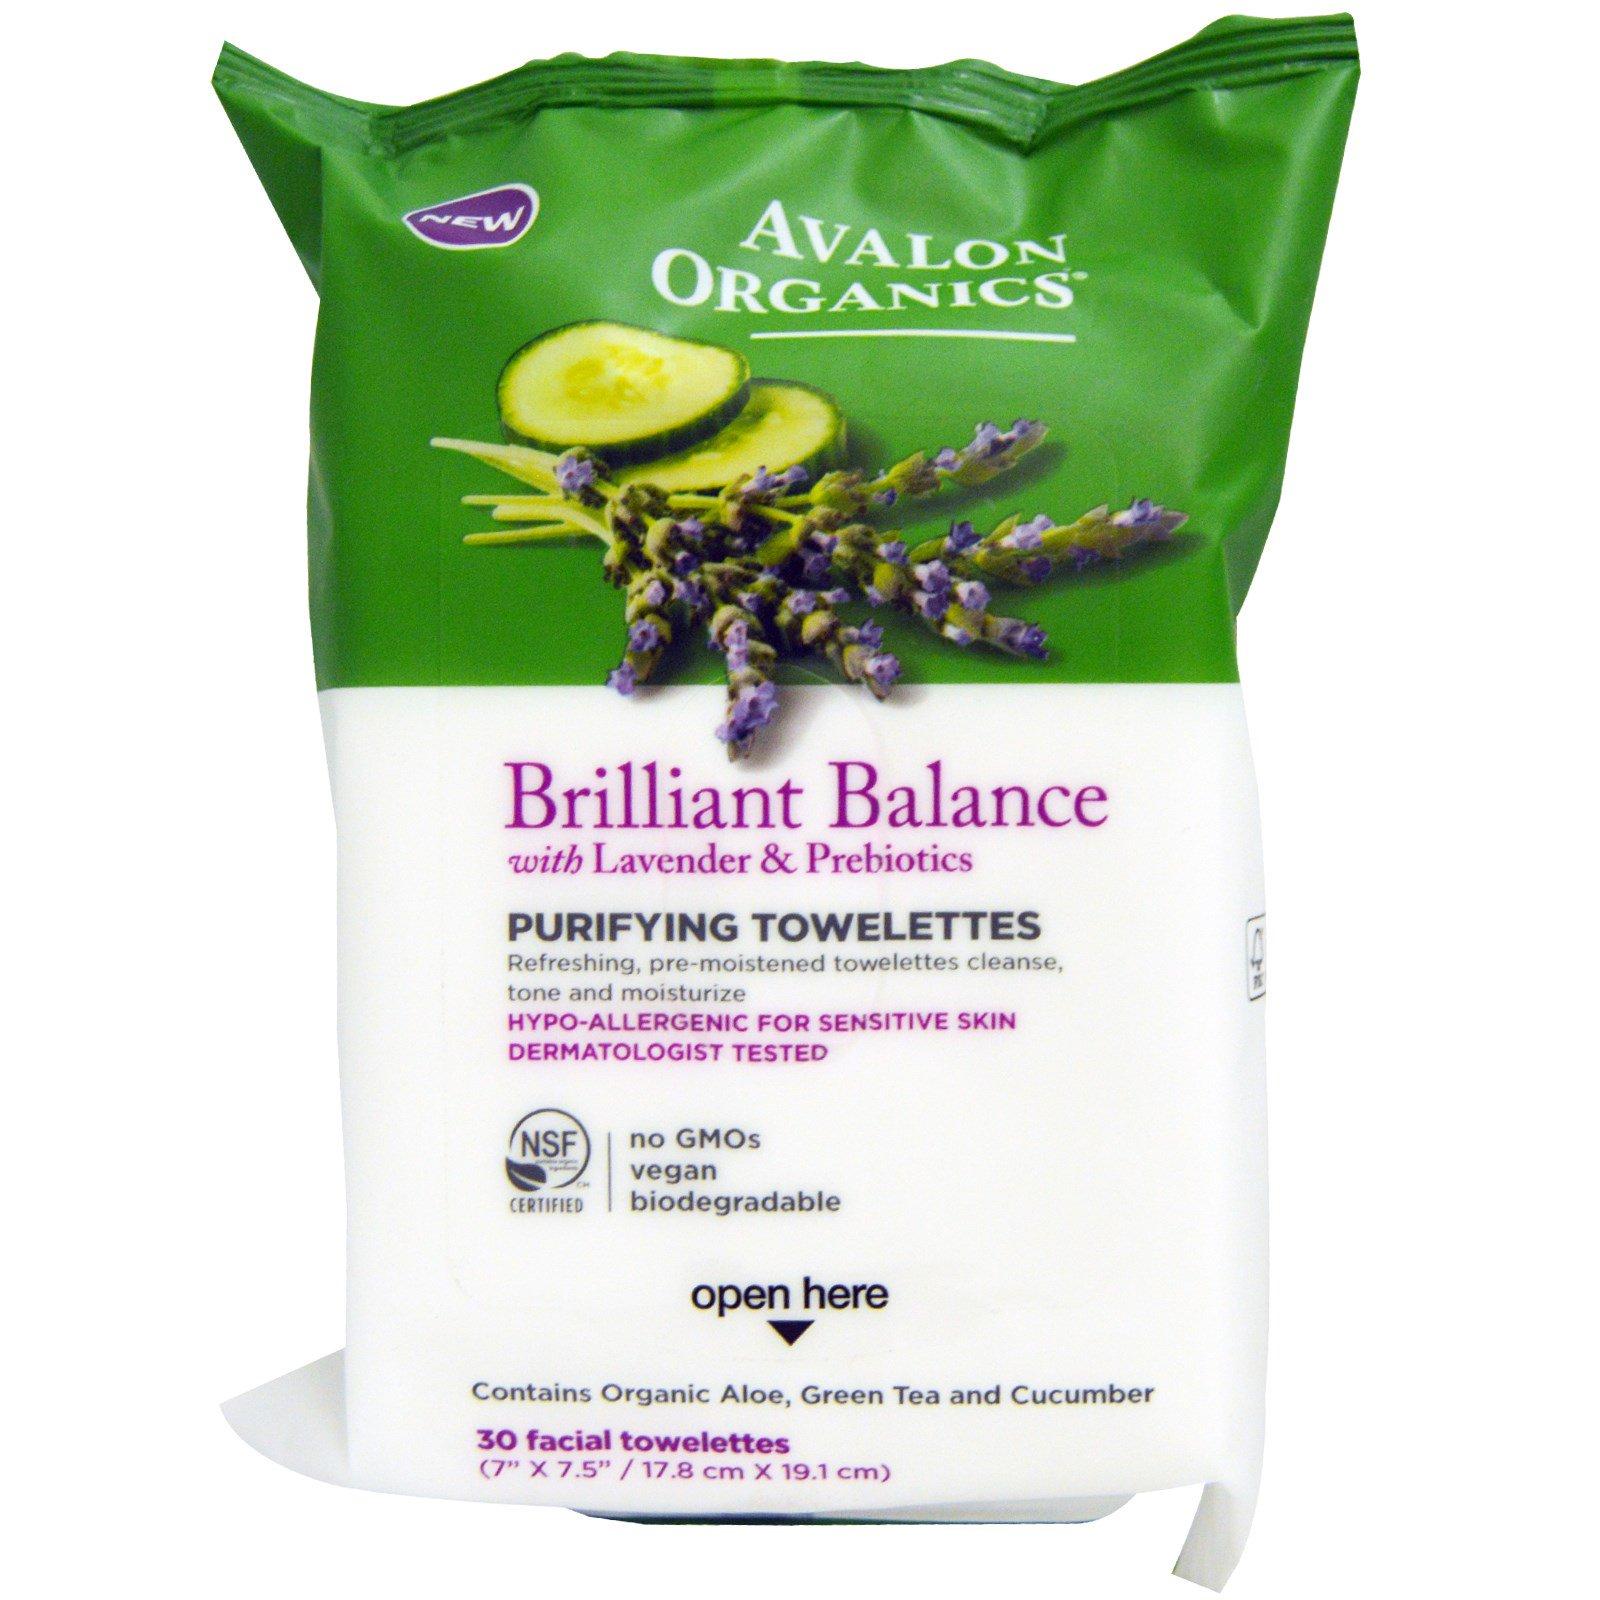 Avalon Organics, Блестящий баланс, очищающие салфетки, лаванда и пребиотики, 30 салфеток для лица